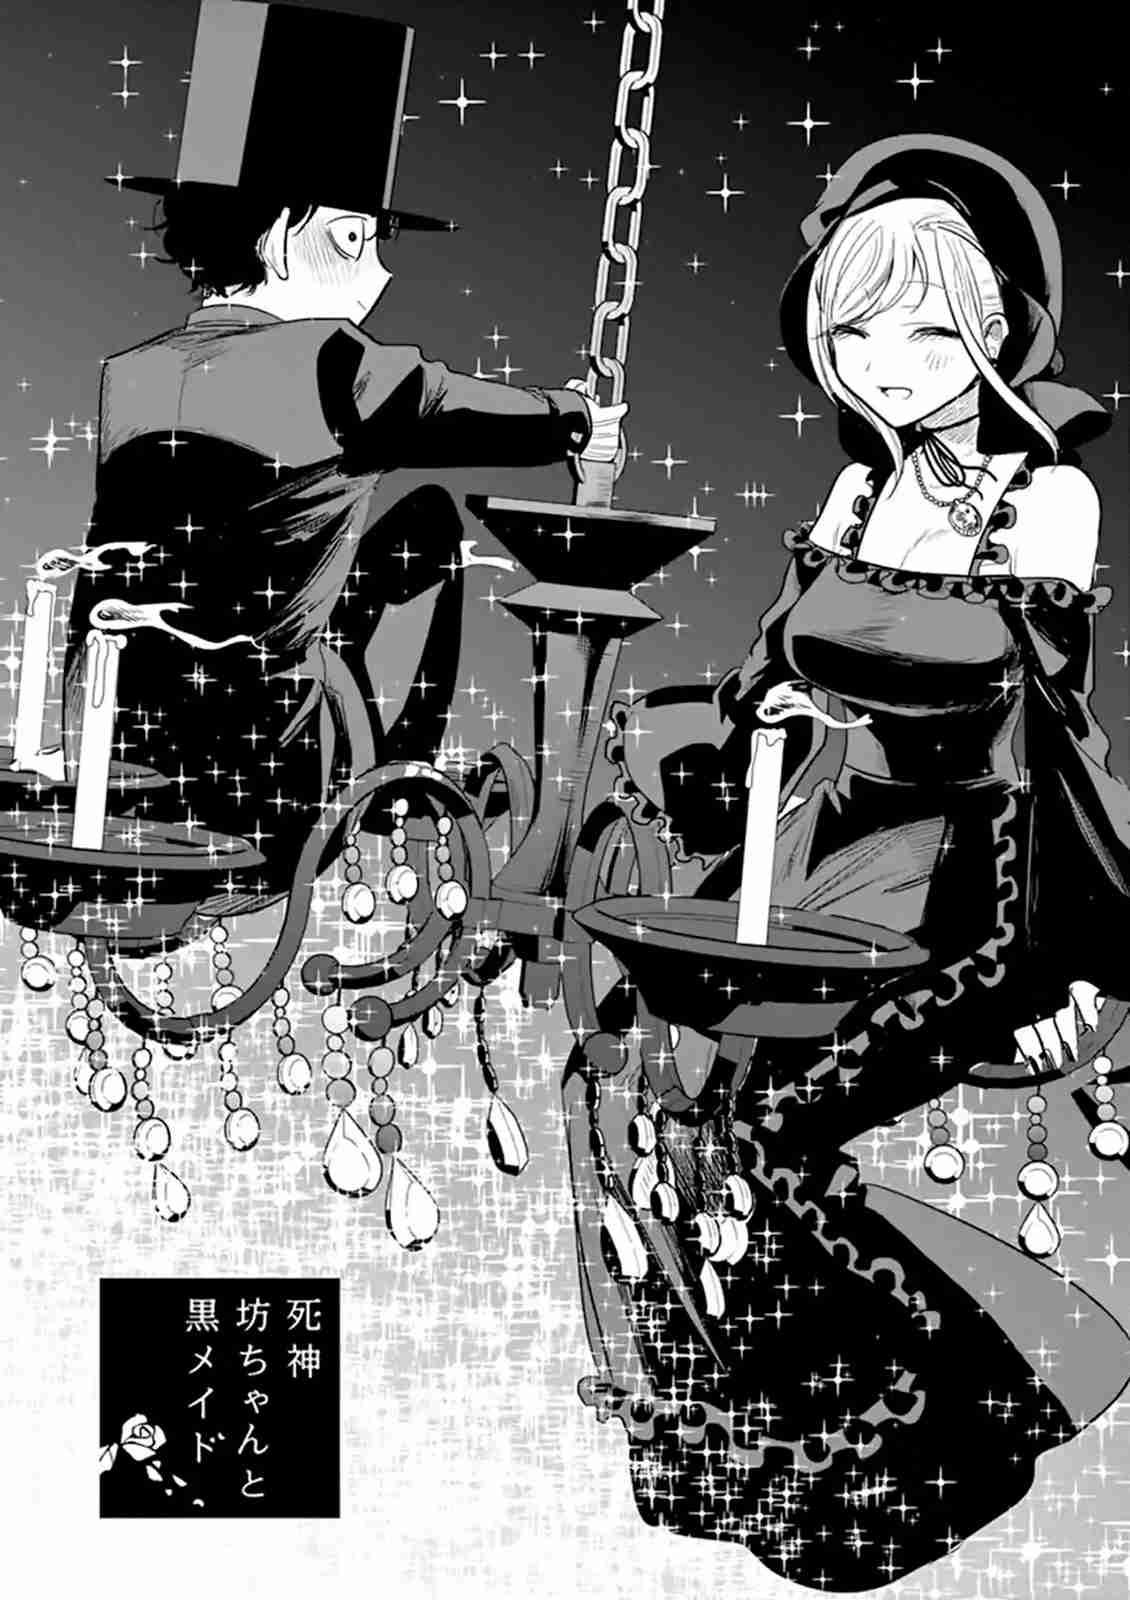 https://manga.mangadogs.com/comics/pic2/41/20265/1127291/c36214df5bdf67eaf55e6620f468b0ec.jpg Page 1